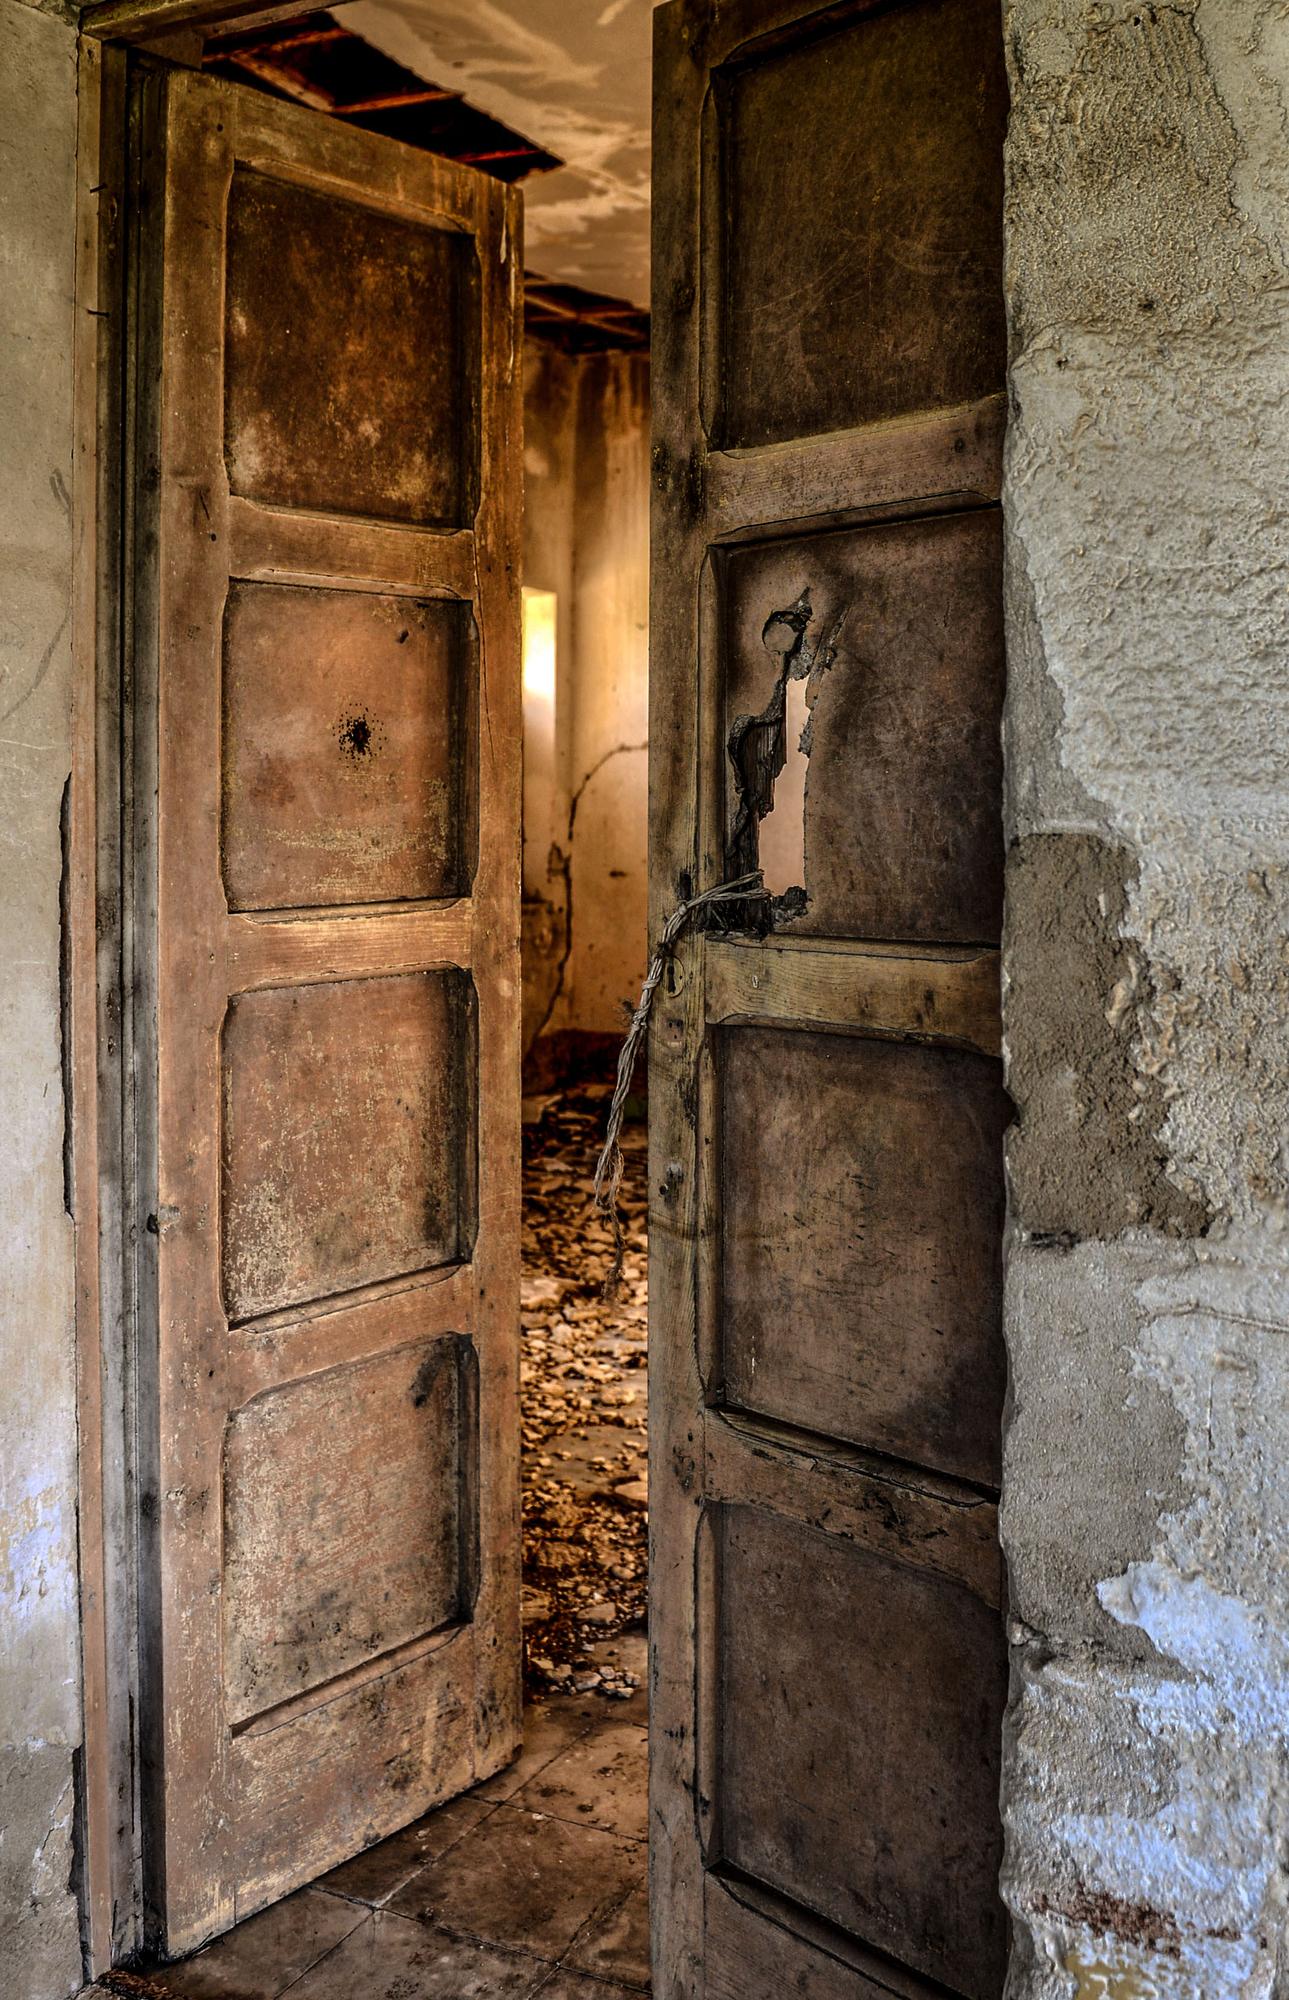 oltre la porta ... solo rovine di Diana Cimino Cocco